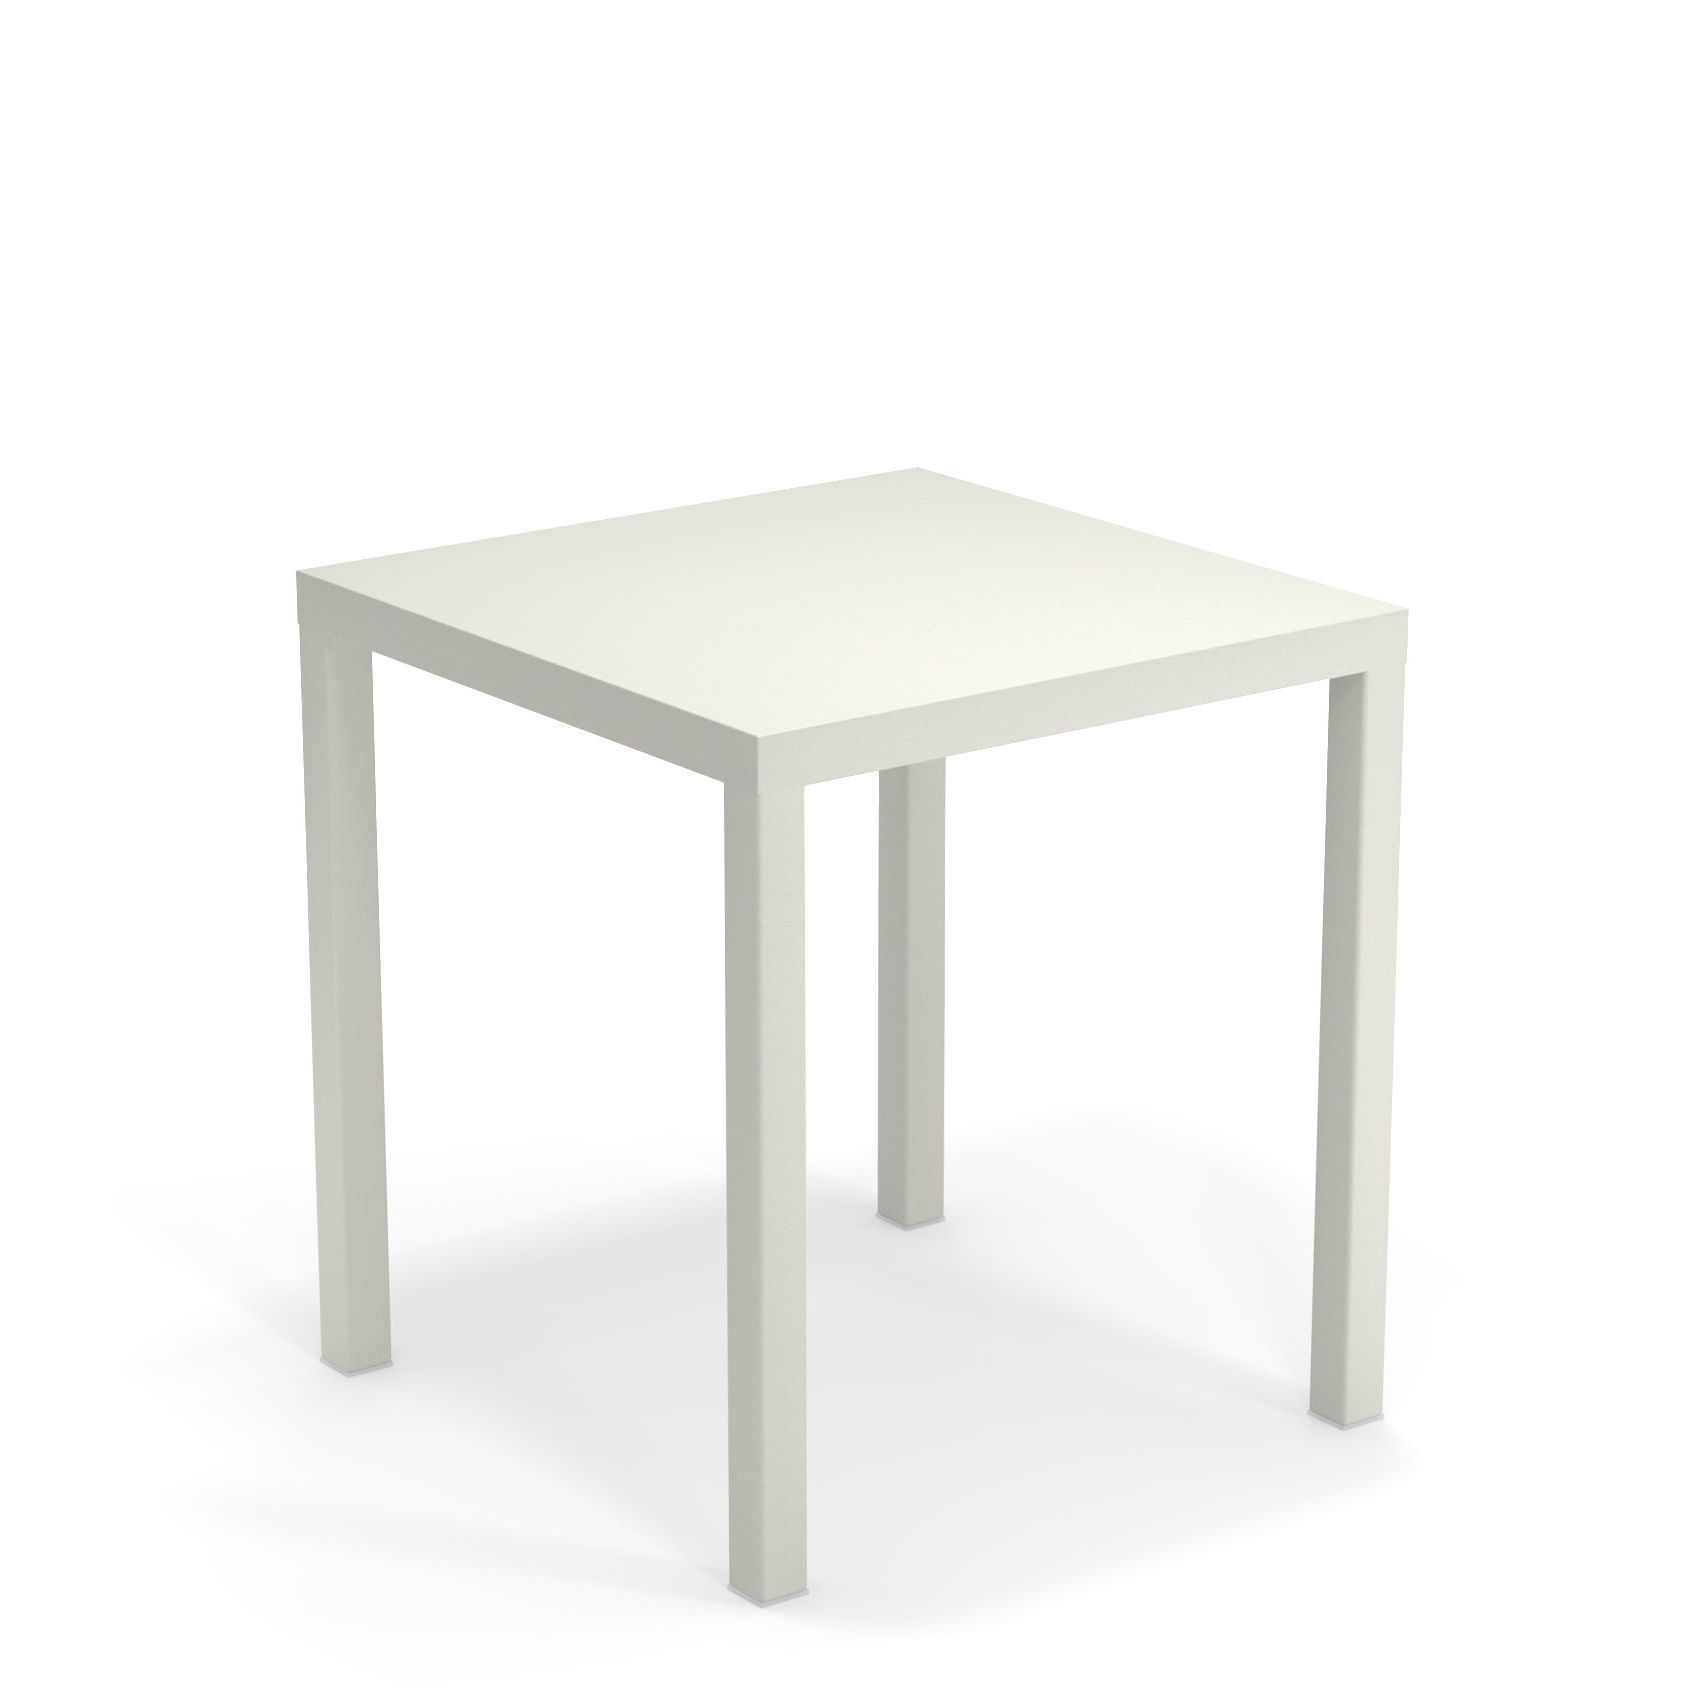 Outdoor - Tische - Nova quadratischer Tisch / Metall - 70 x 70 cm - Emu - Weiß - gefirnister Stahl